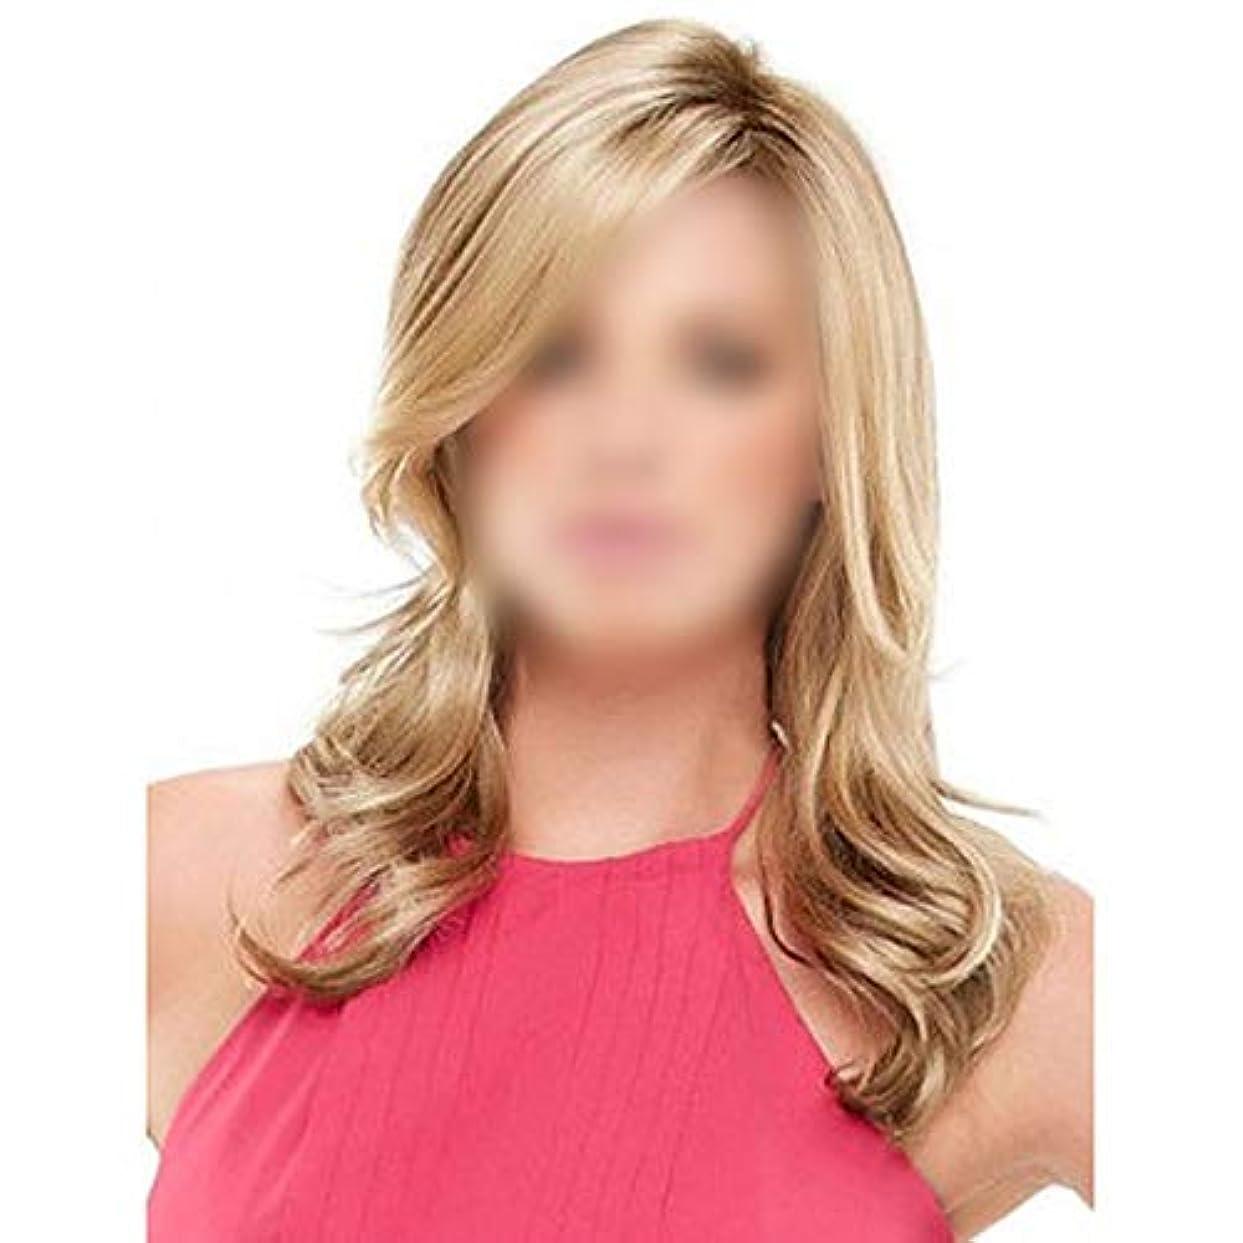 なる閃光犯人WASAIO 斜め前髪の長いウェーブのかかった巻き毛ウィッグ女性のスタイルの交換のためのアクセサリー毎日のドレス耐熱繊維 (色 : Blonde, サイズ : 70cm)